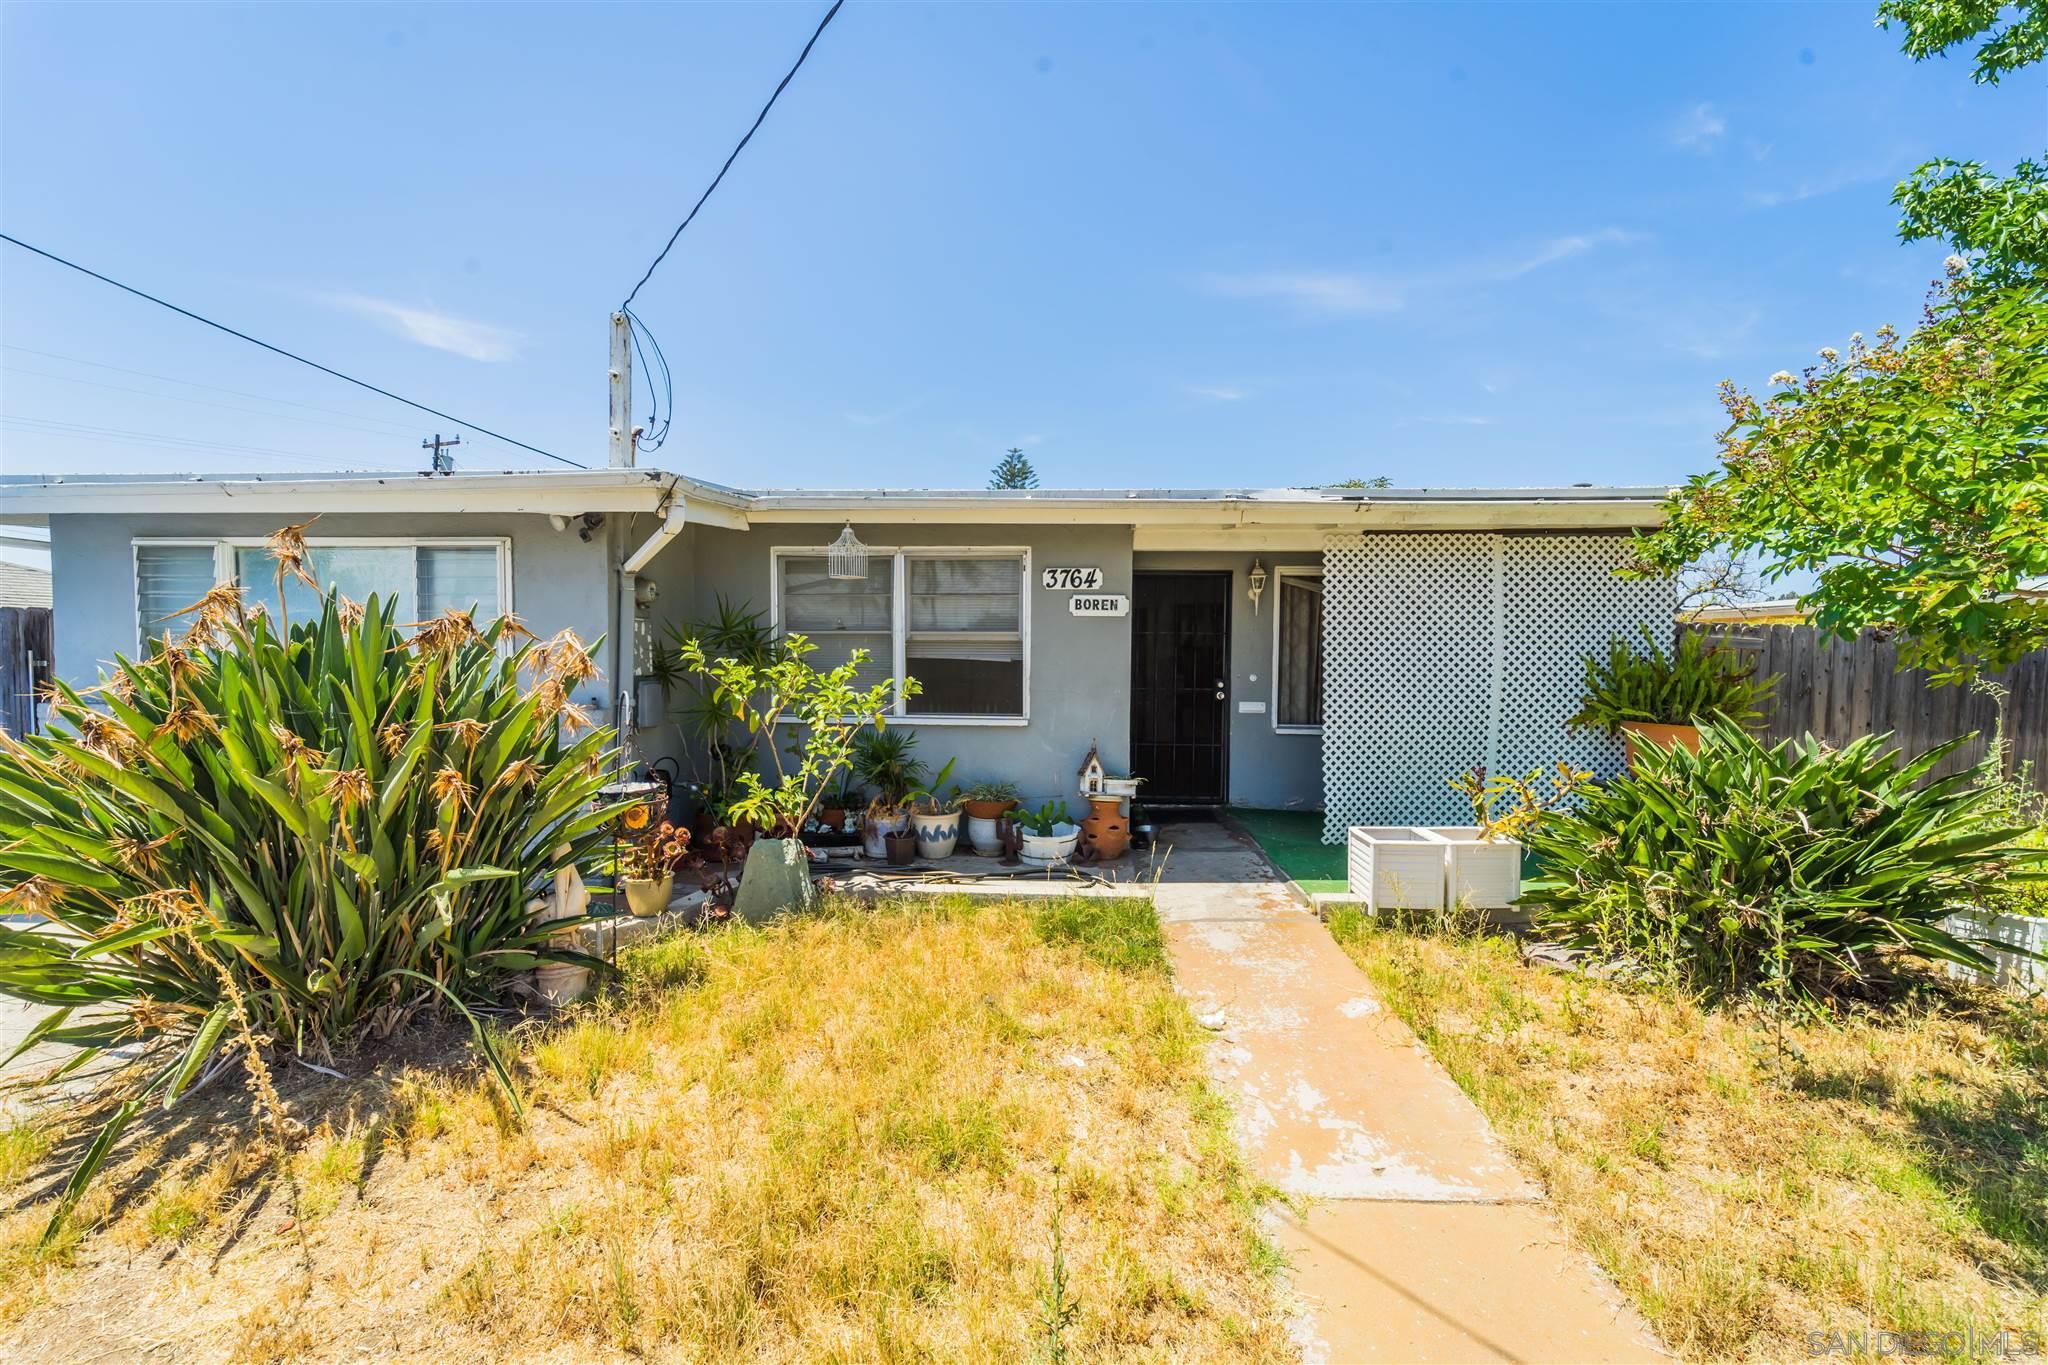 3764 Boren, San Diego, CA 92115